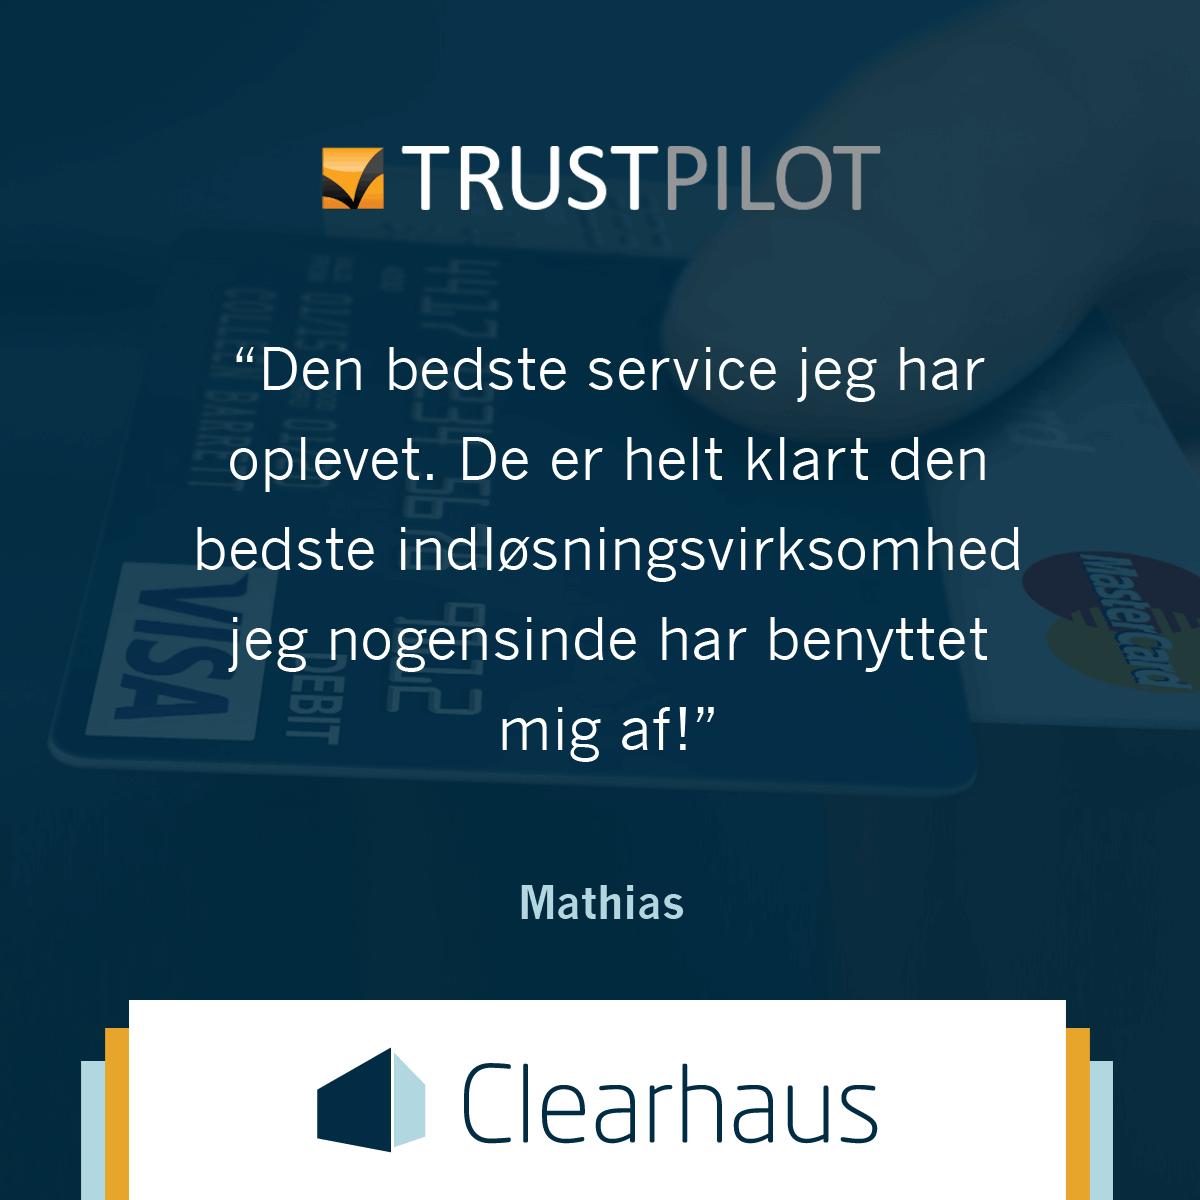 Clearhaus Trustpilot quote